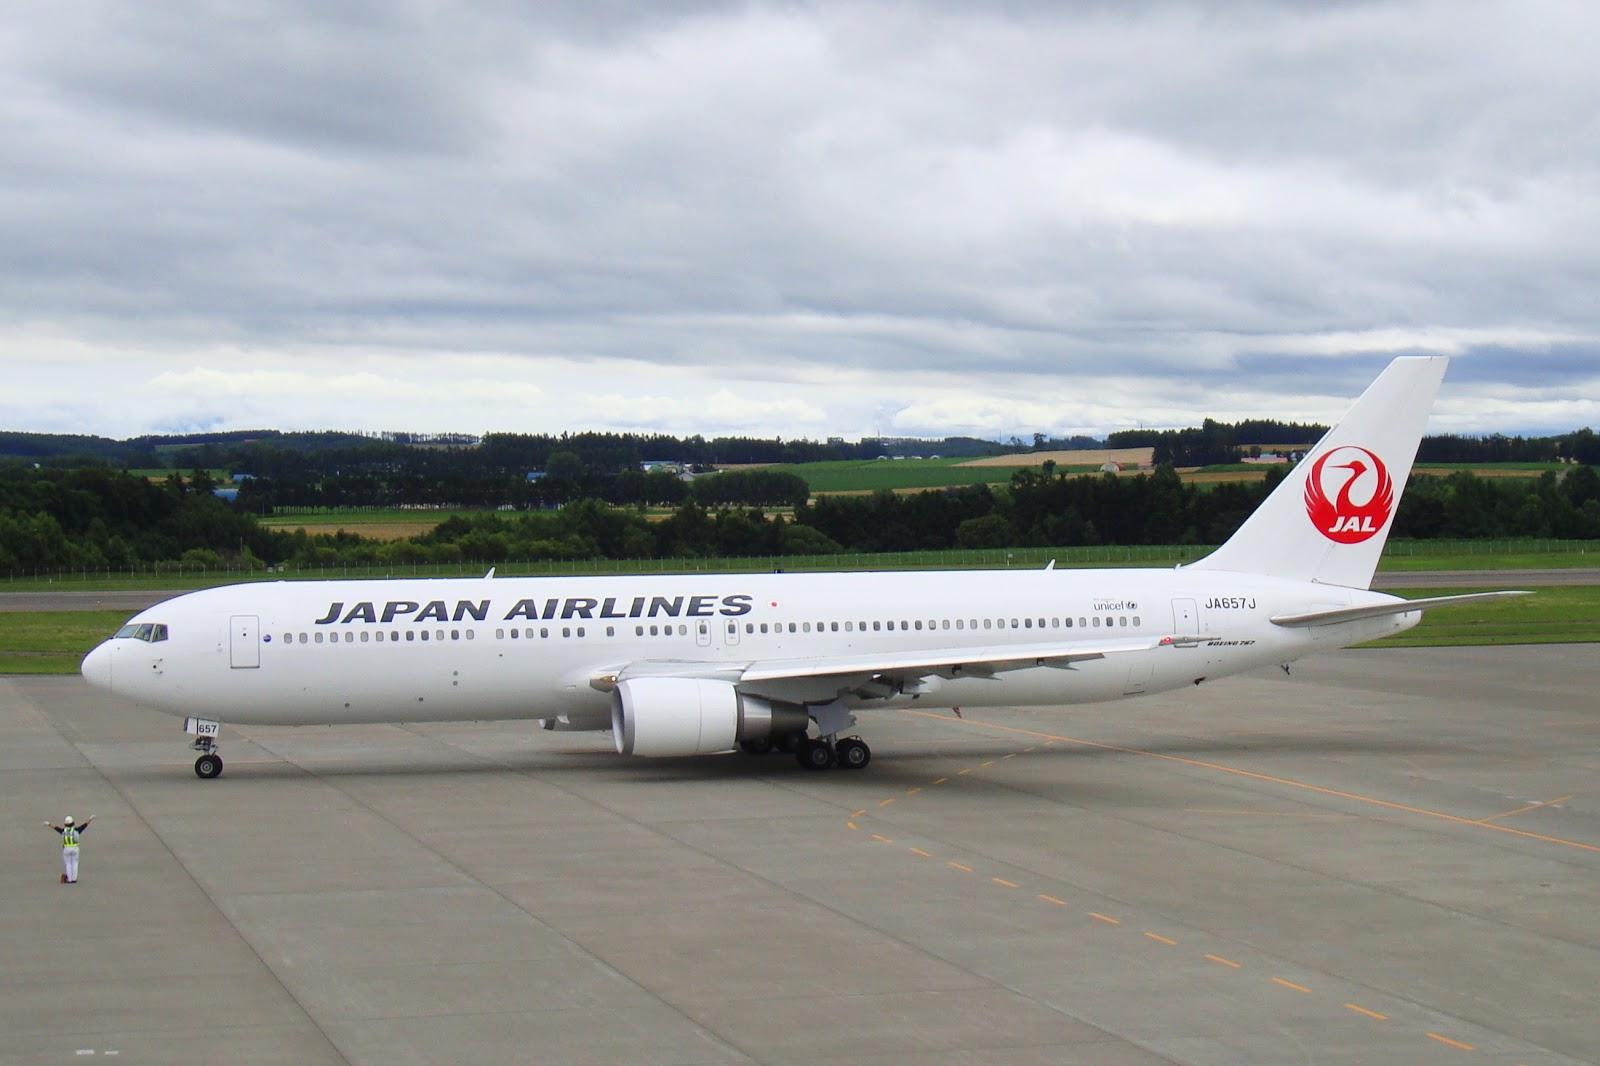 日本航空JL96: 台北松山TSA → 東京羽田HND飛行紀錄 (B767-300)